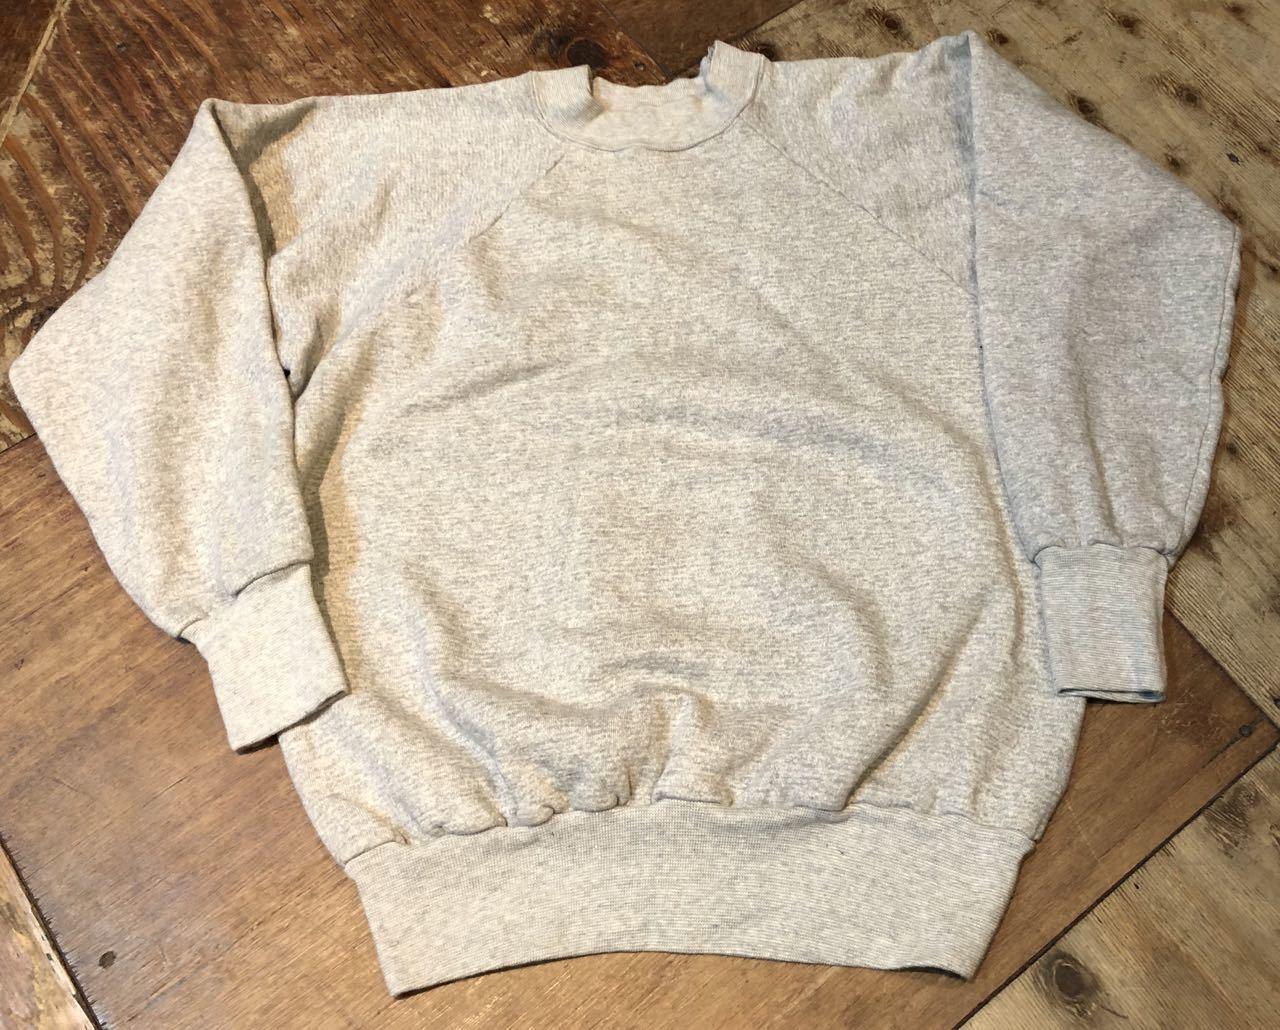 2月1日(土)入荷!ほぼデッドストック!60s〜  93%coton 7% acylic スエットシャツ! _c0144020_13230455.jpg